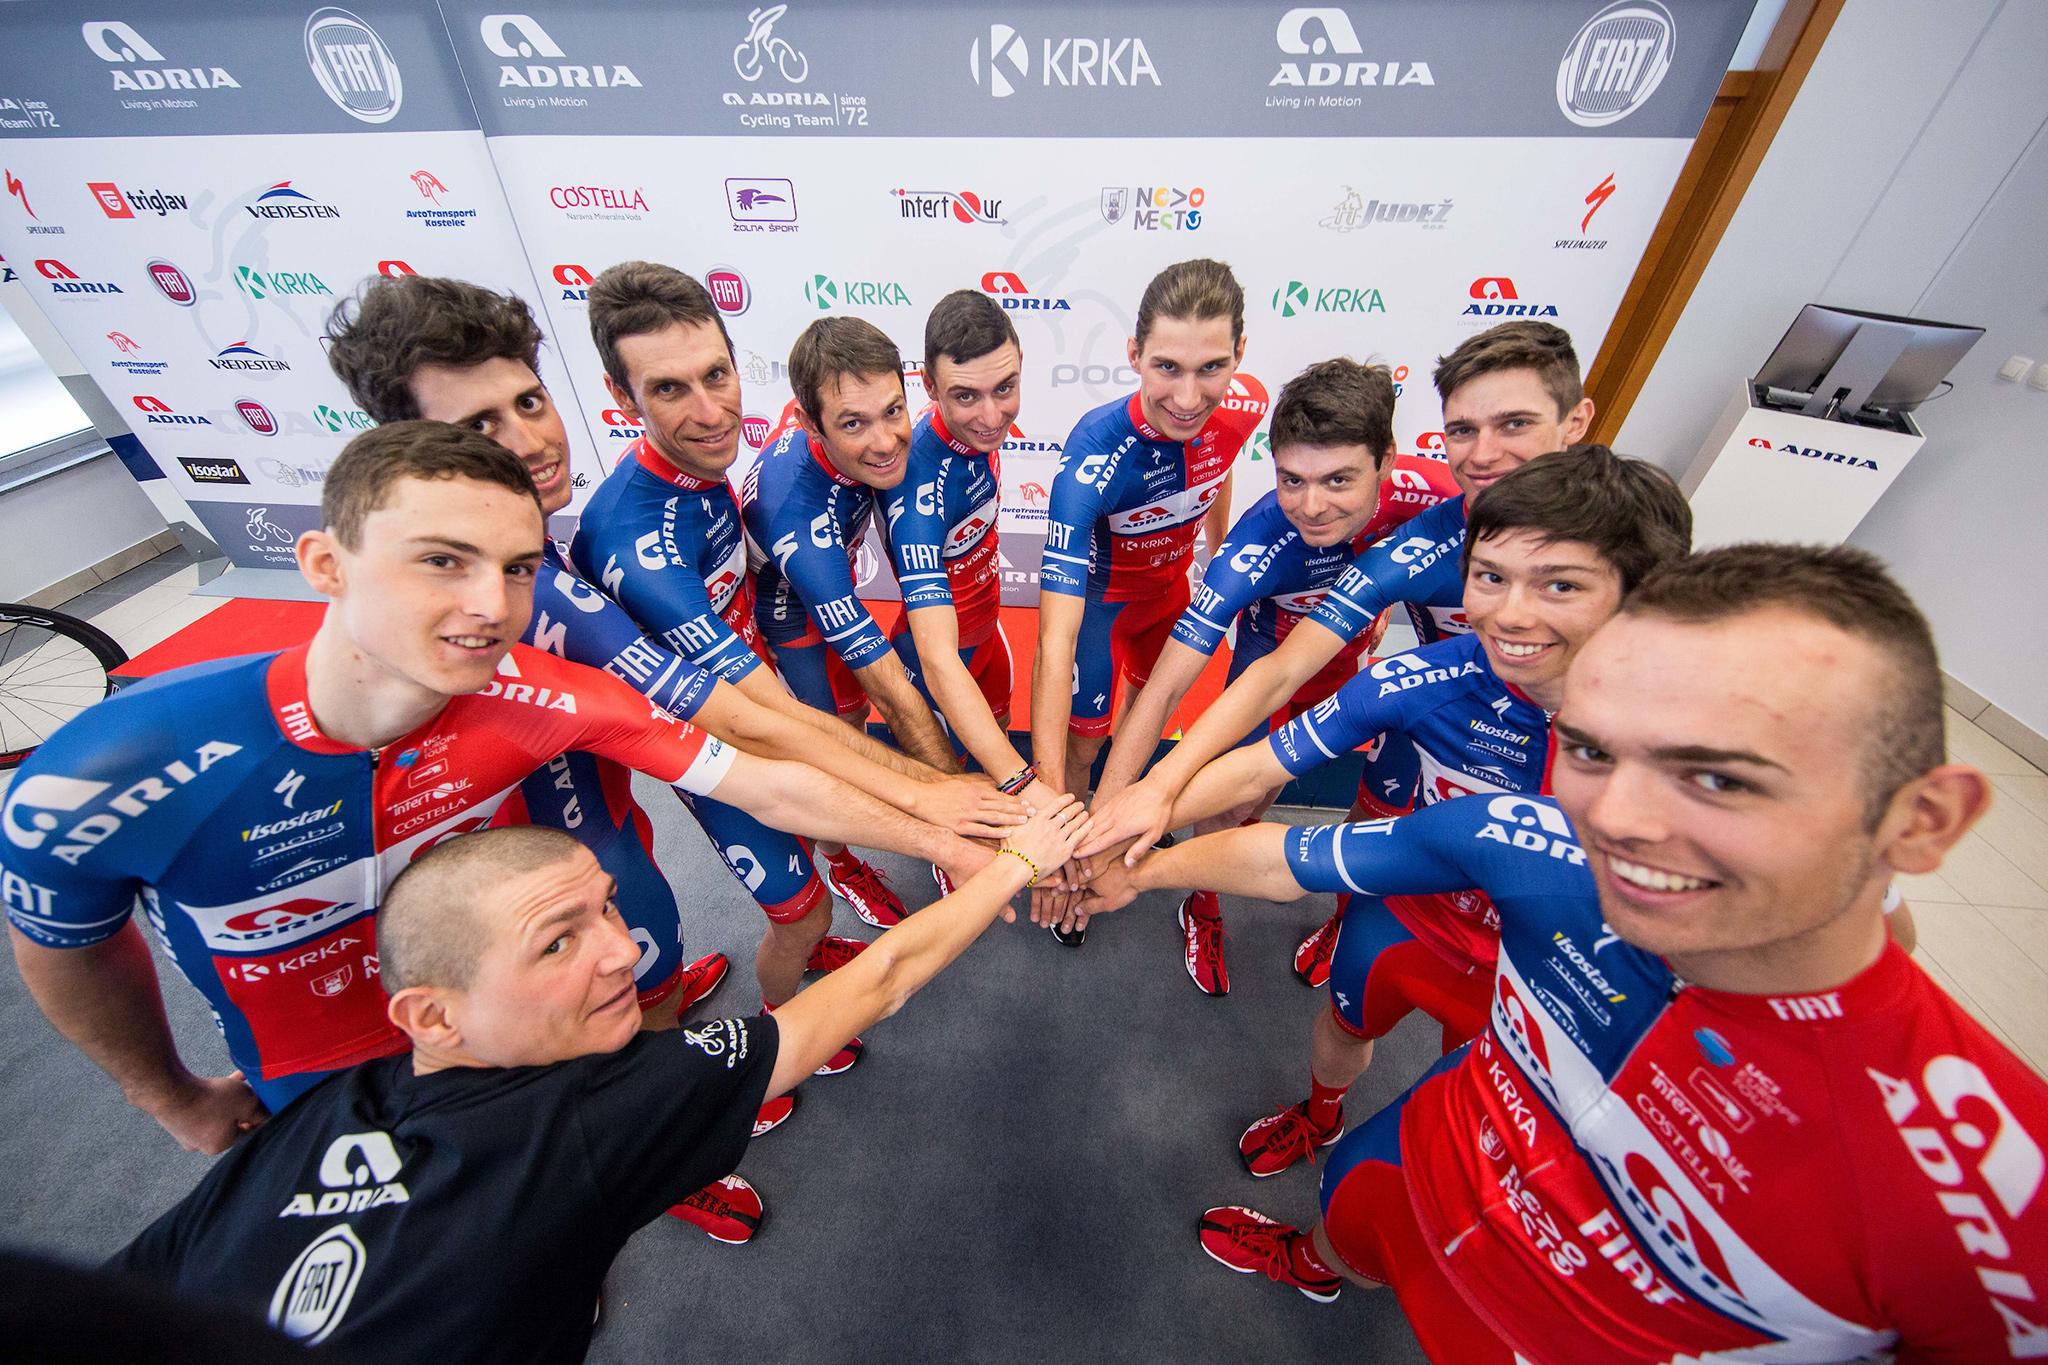 Državno prvenstvo v kolesarstvu